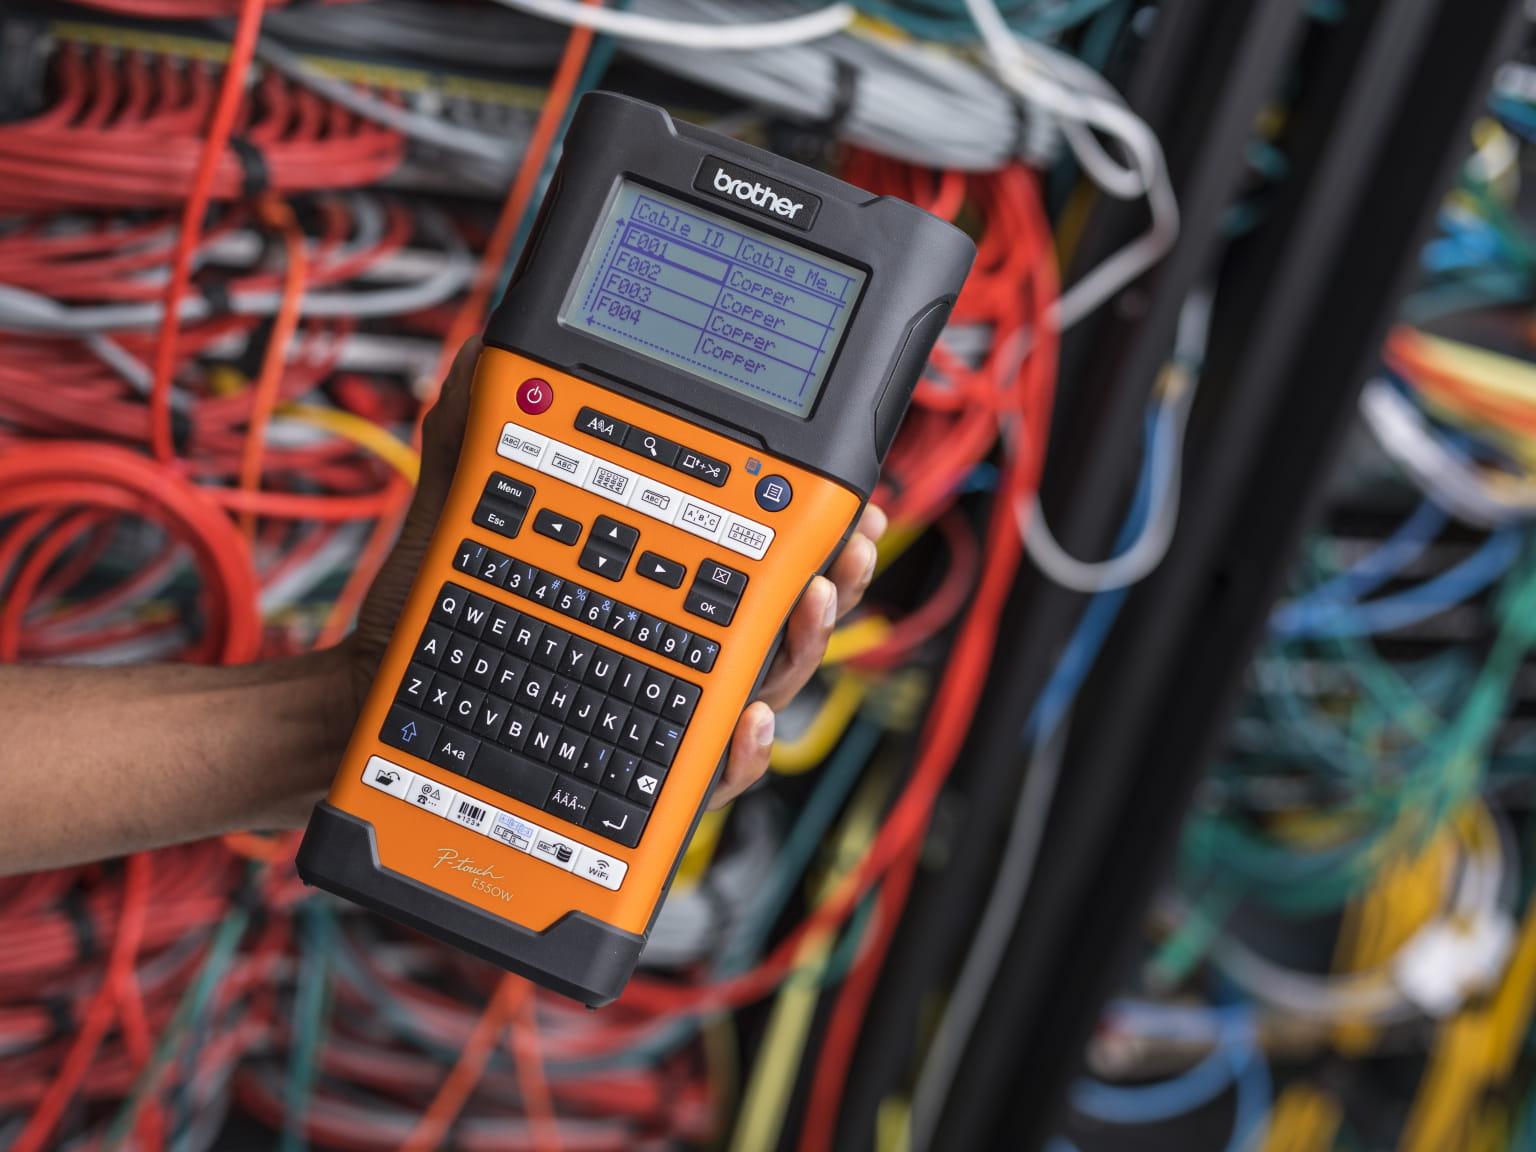 Tiskárna štítků PT-E550W držená v ruce, před síťovými kabely